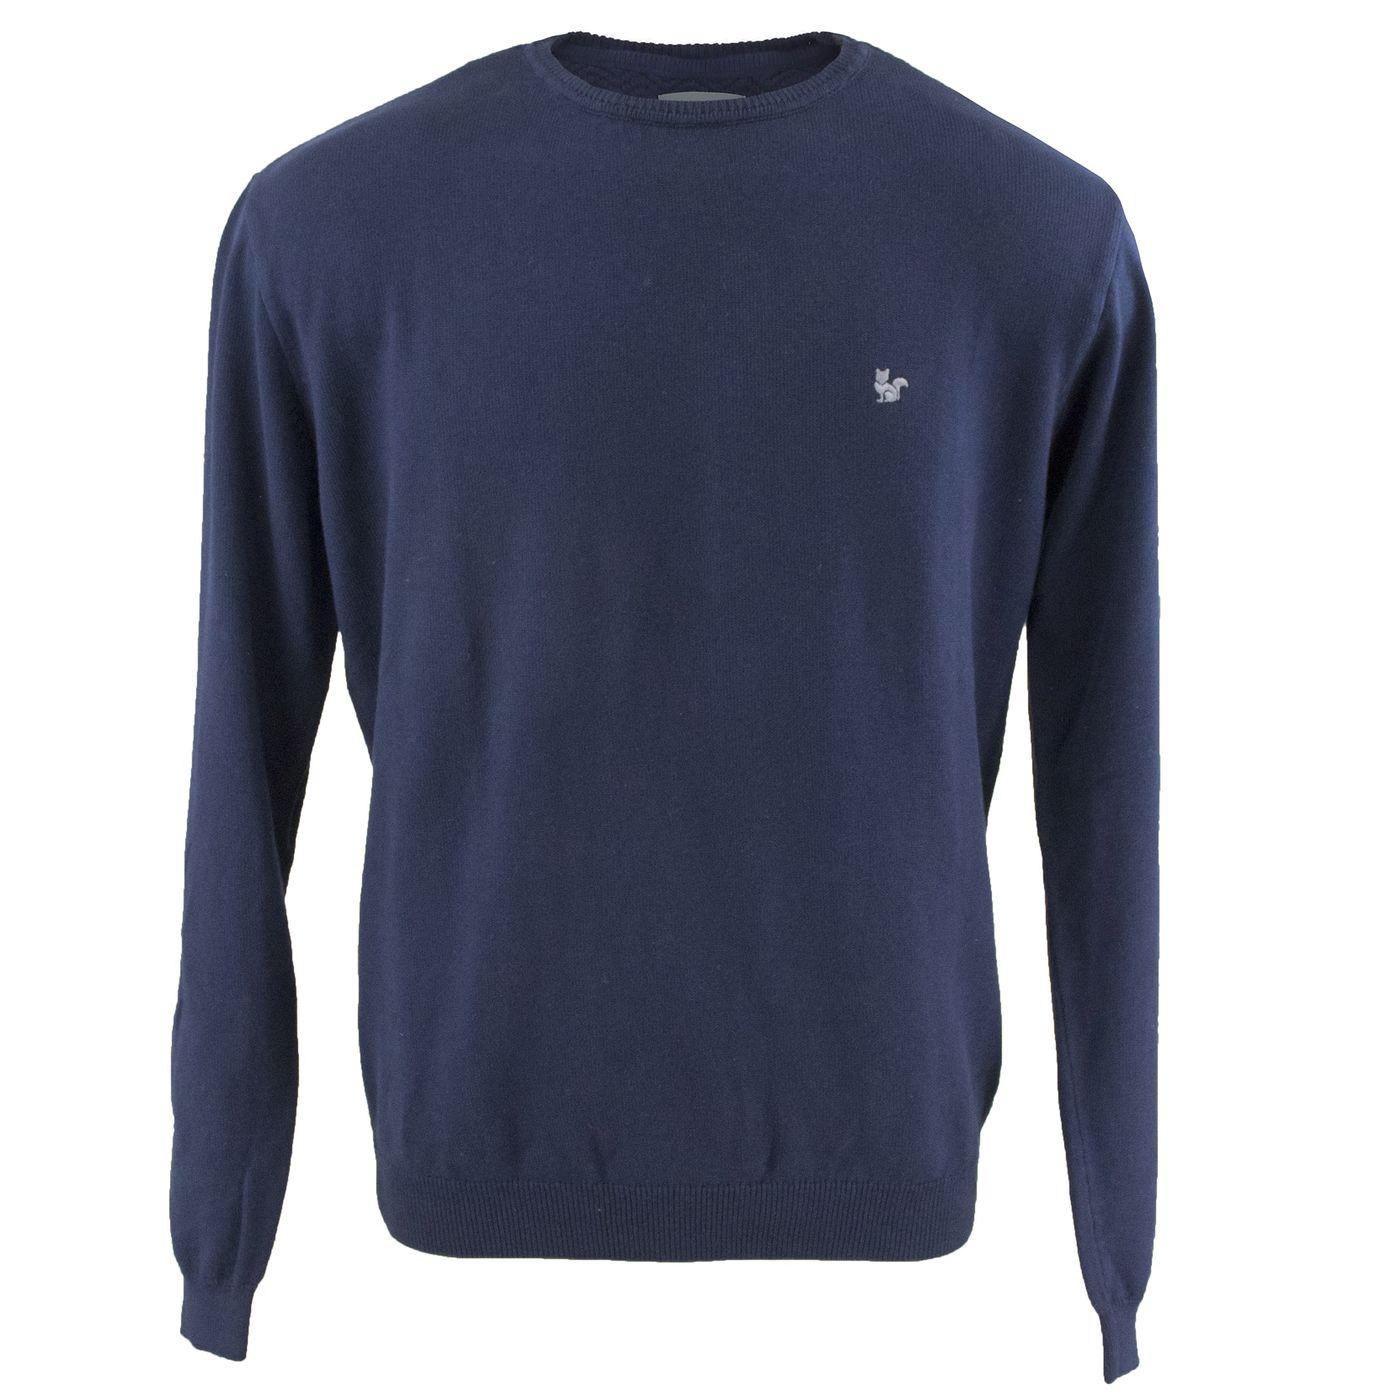 825a1ebe0 Suéter Masculino Azul Marinho em algodão - fieroshop